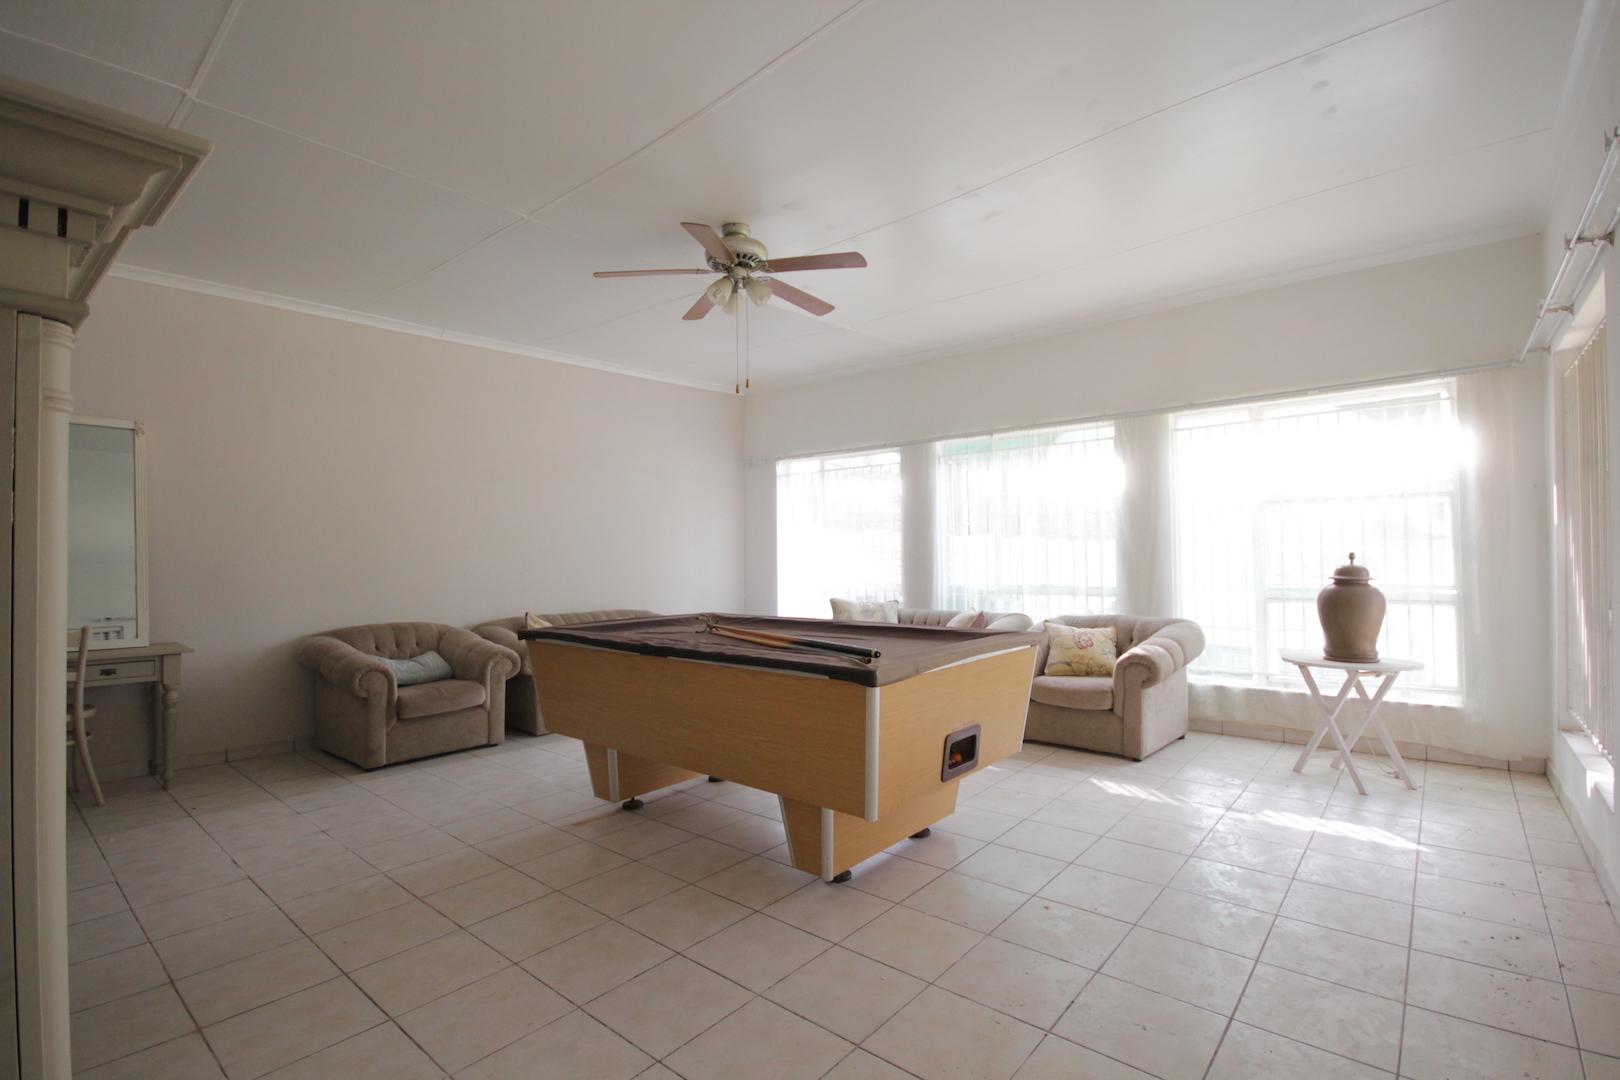 1 Bedroom House for sale in Brackenhurst ENT0067102 : photo#1